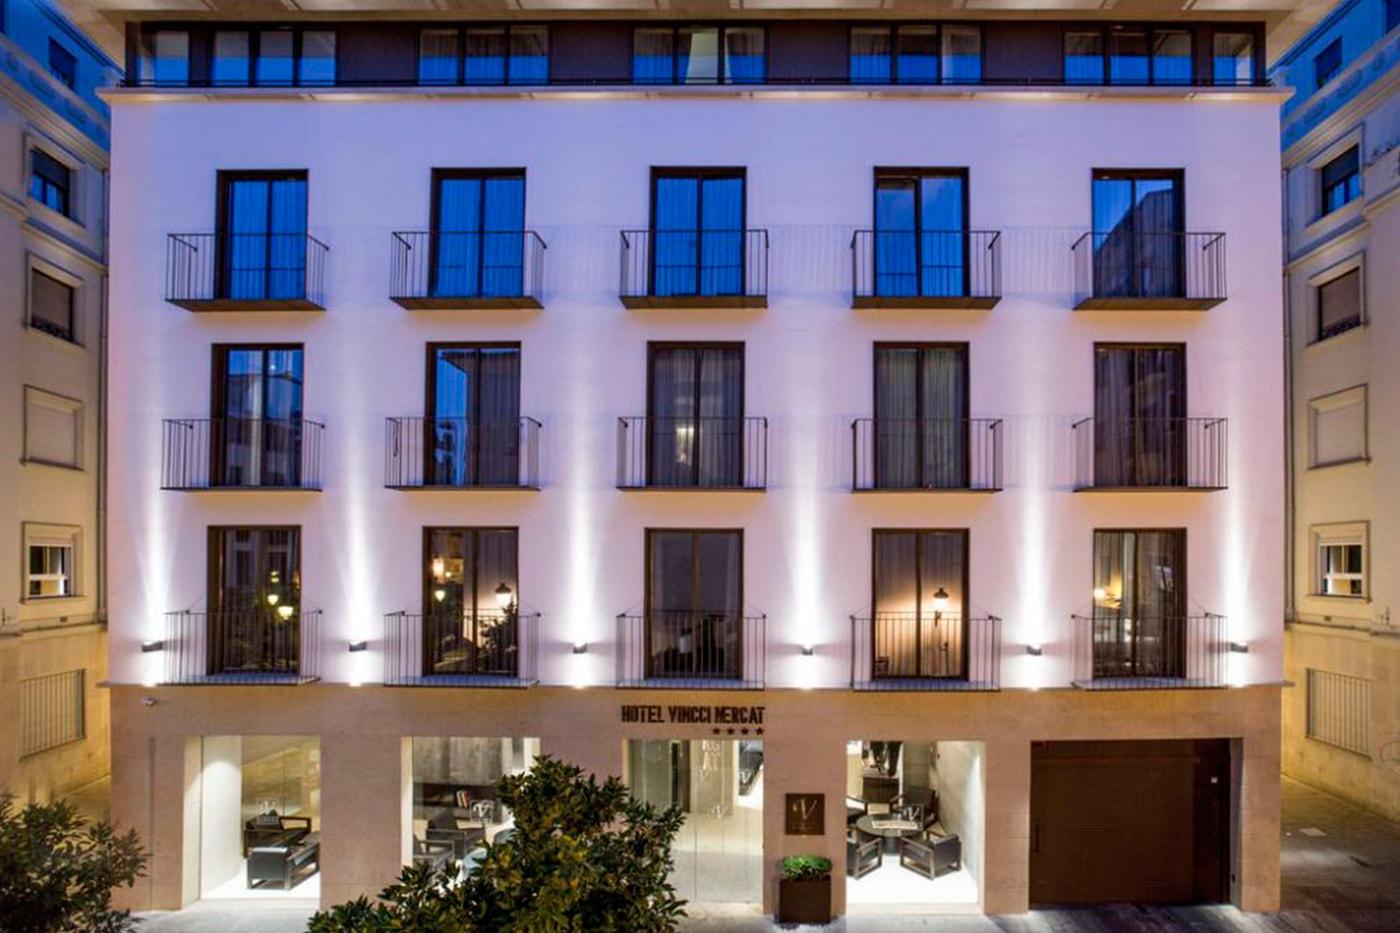 Vincii Hotel en la ciudad de valencia